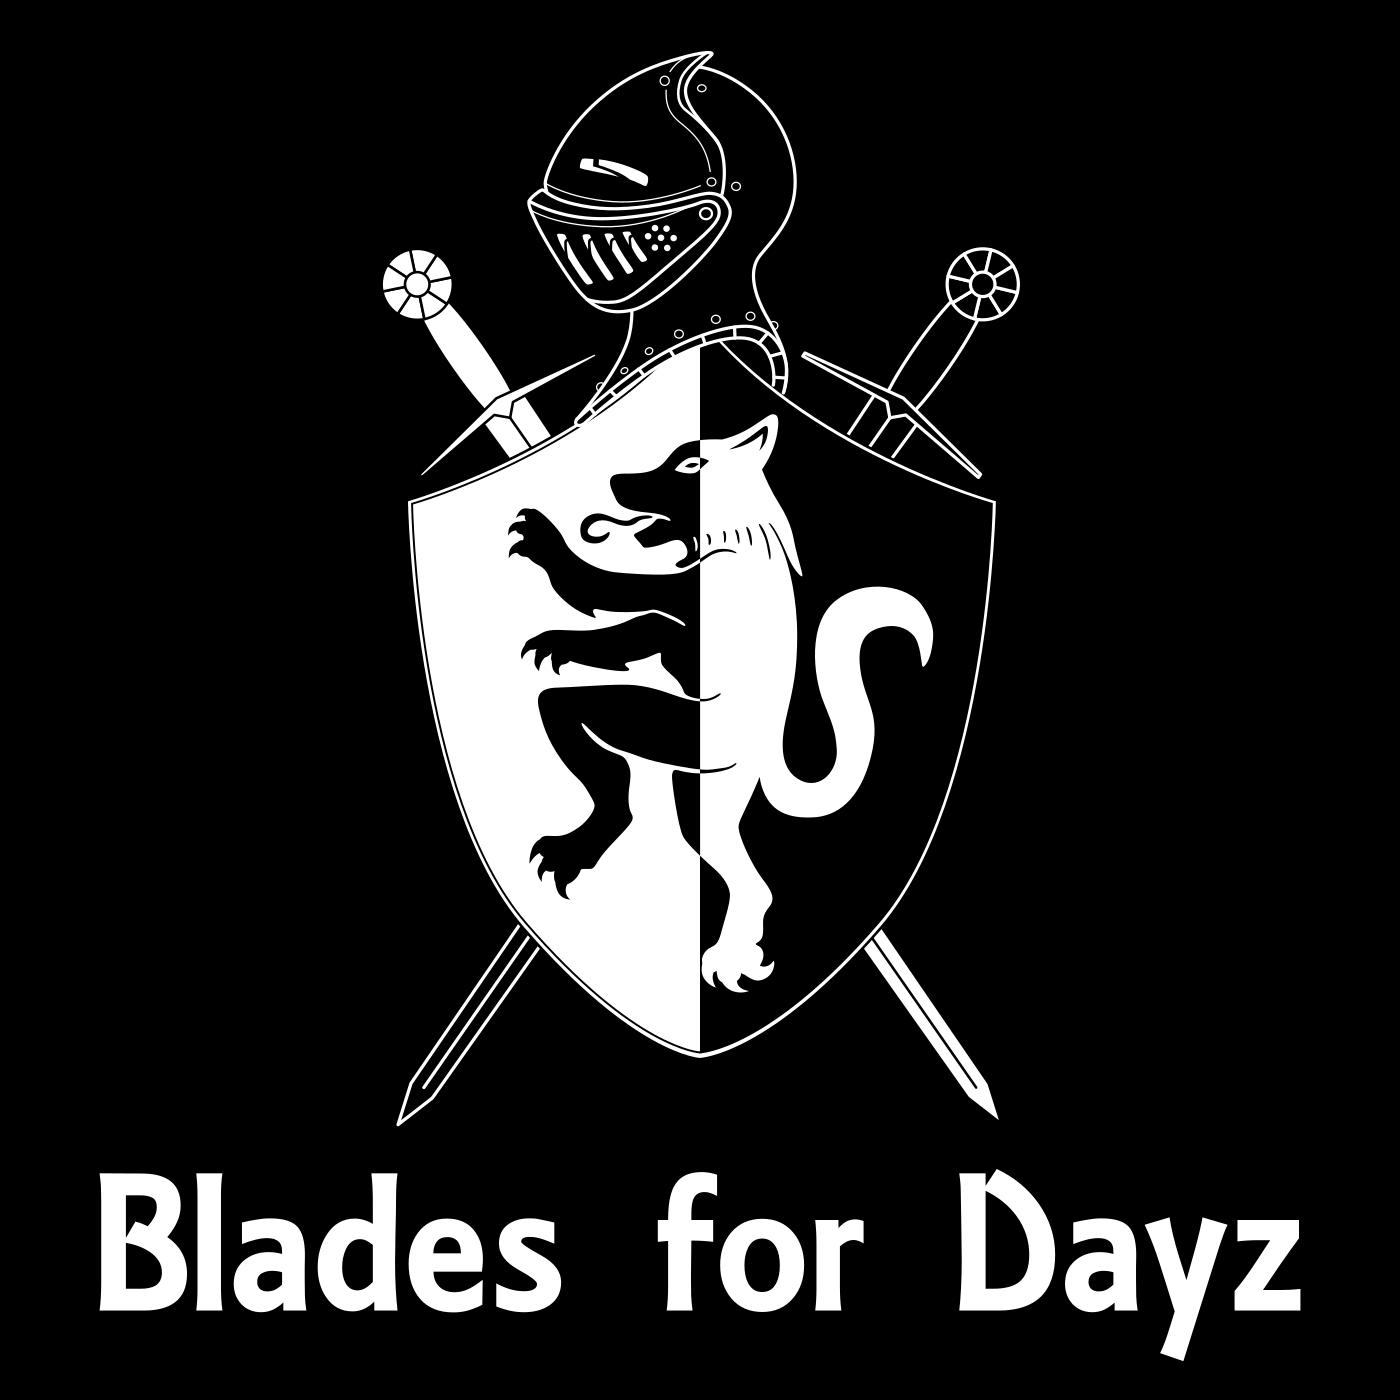 Blades for Dayz